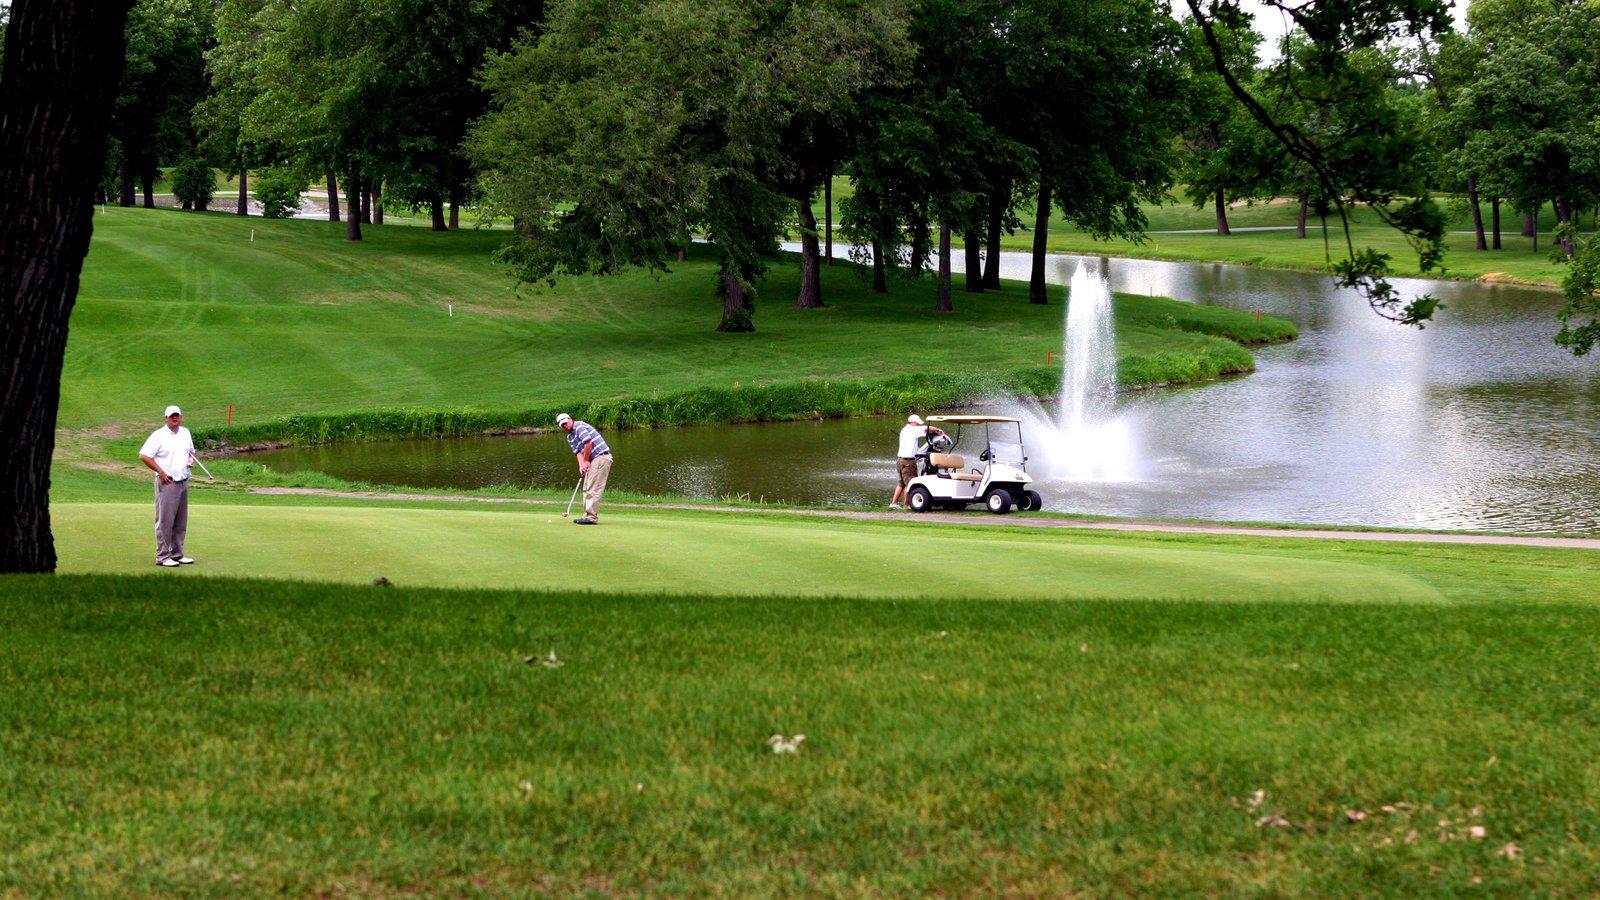 Fargo mostrando golfe, um lago e uma fonte